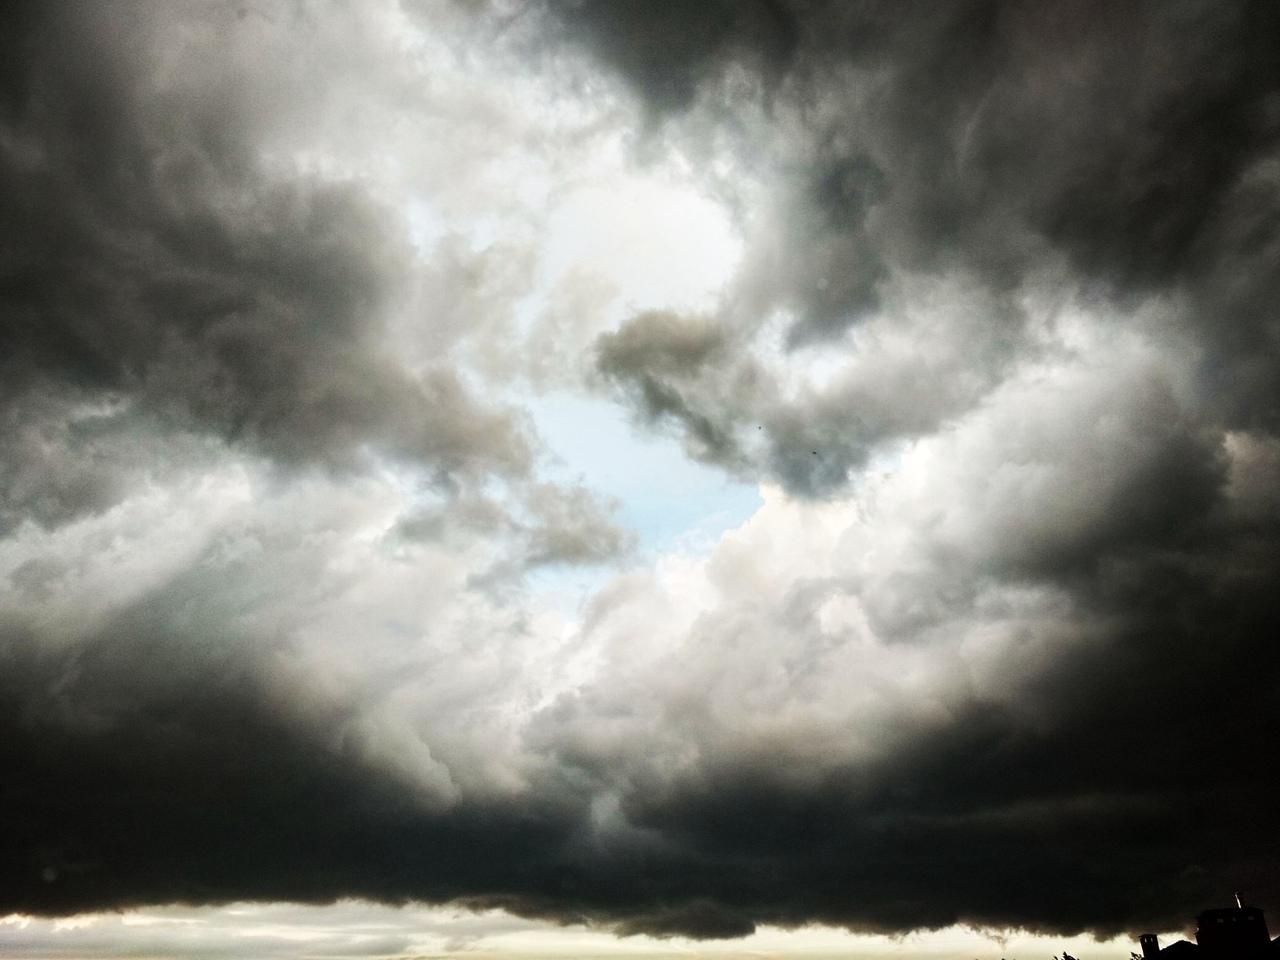 """Началось! Бресту """"прилетело"""" обещанное синоптиками штормовое предупреждение"""